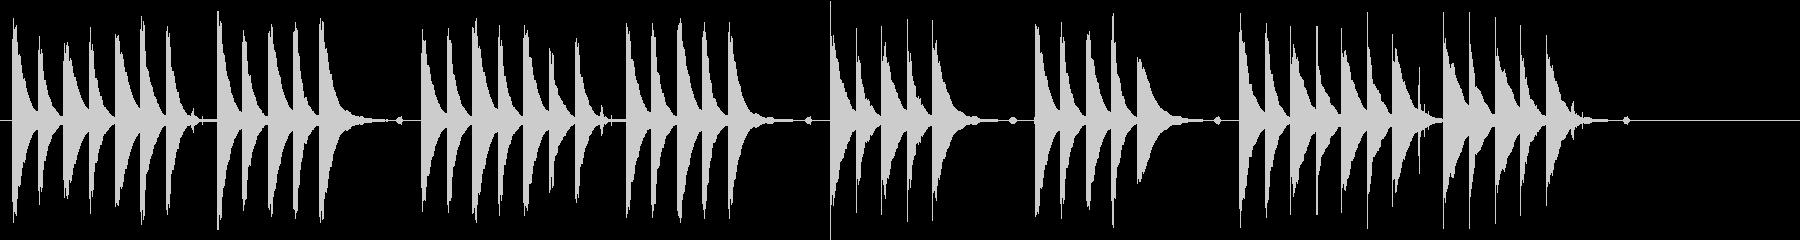 ほのぼのしてのんびりとした短い曲の未再生の波形